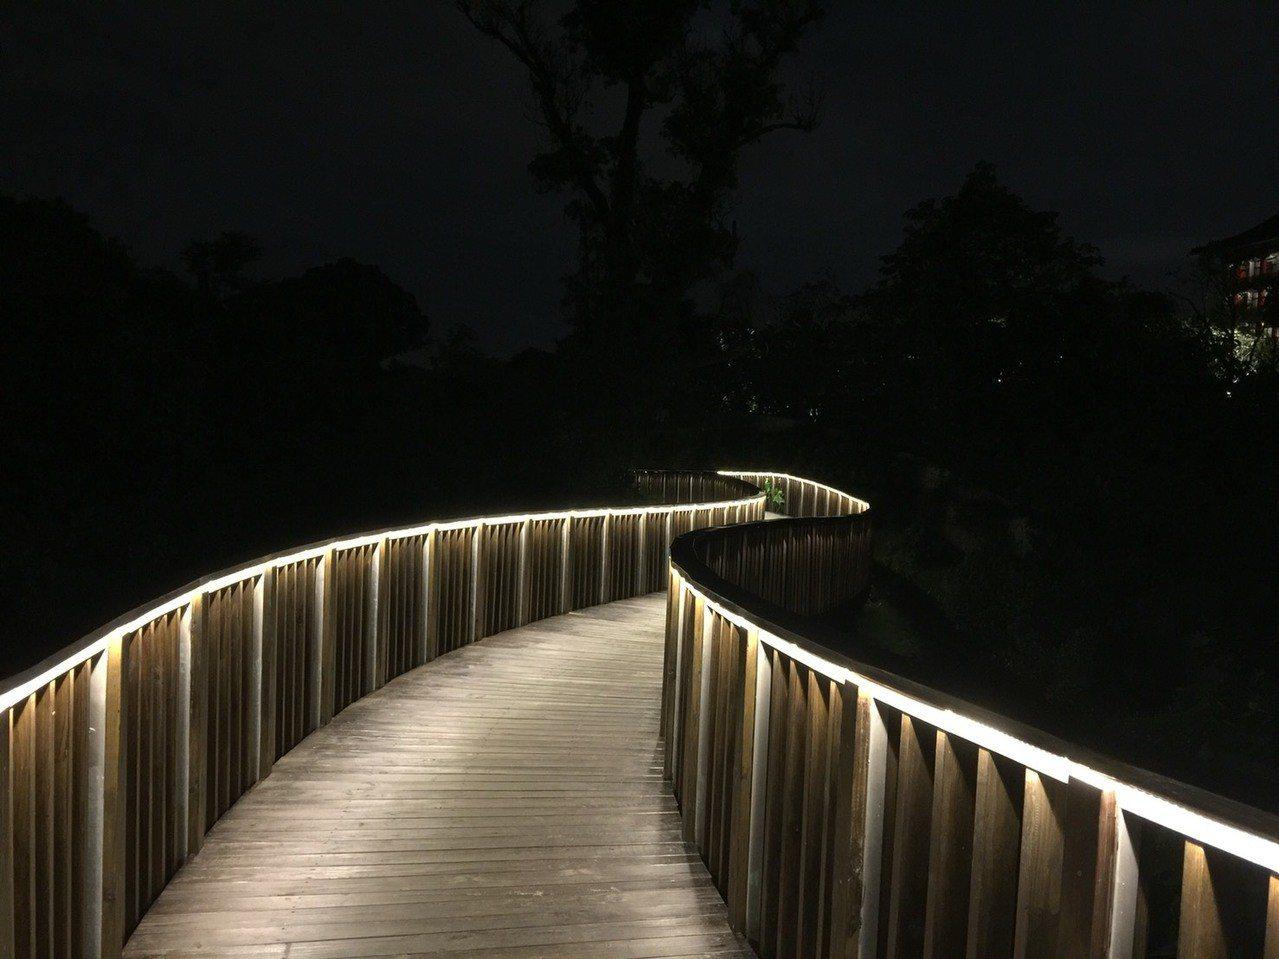 木棧道晨昏美境不同。記者羅建怡/攝影